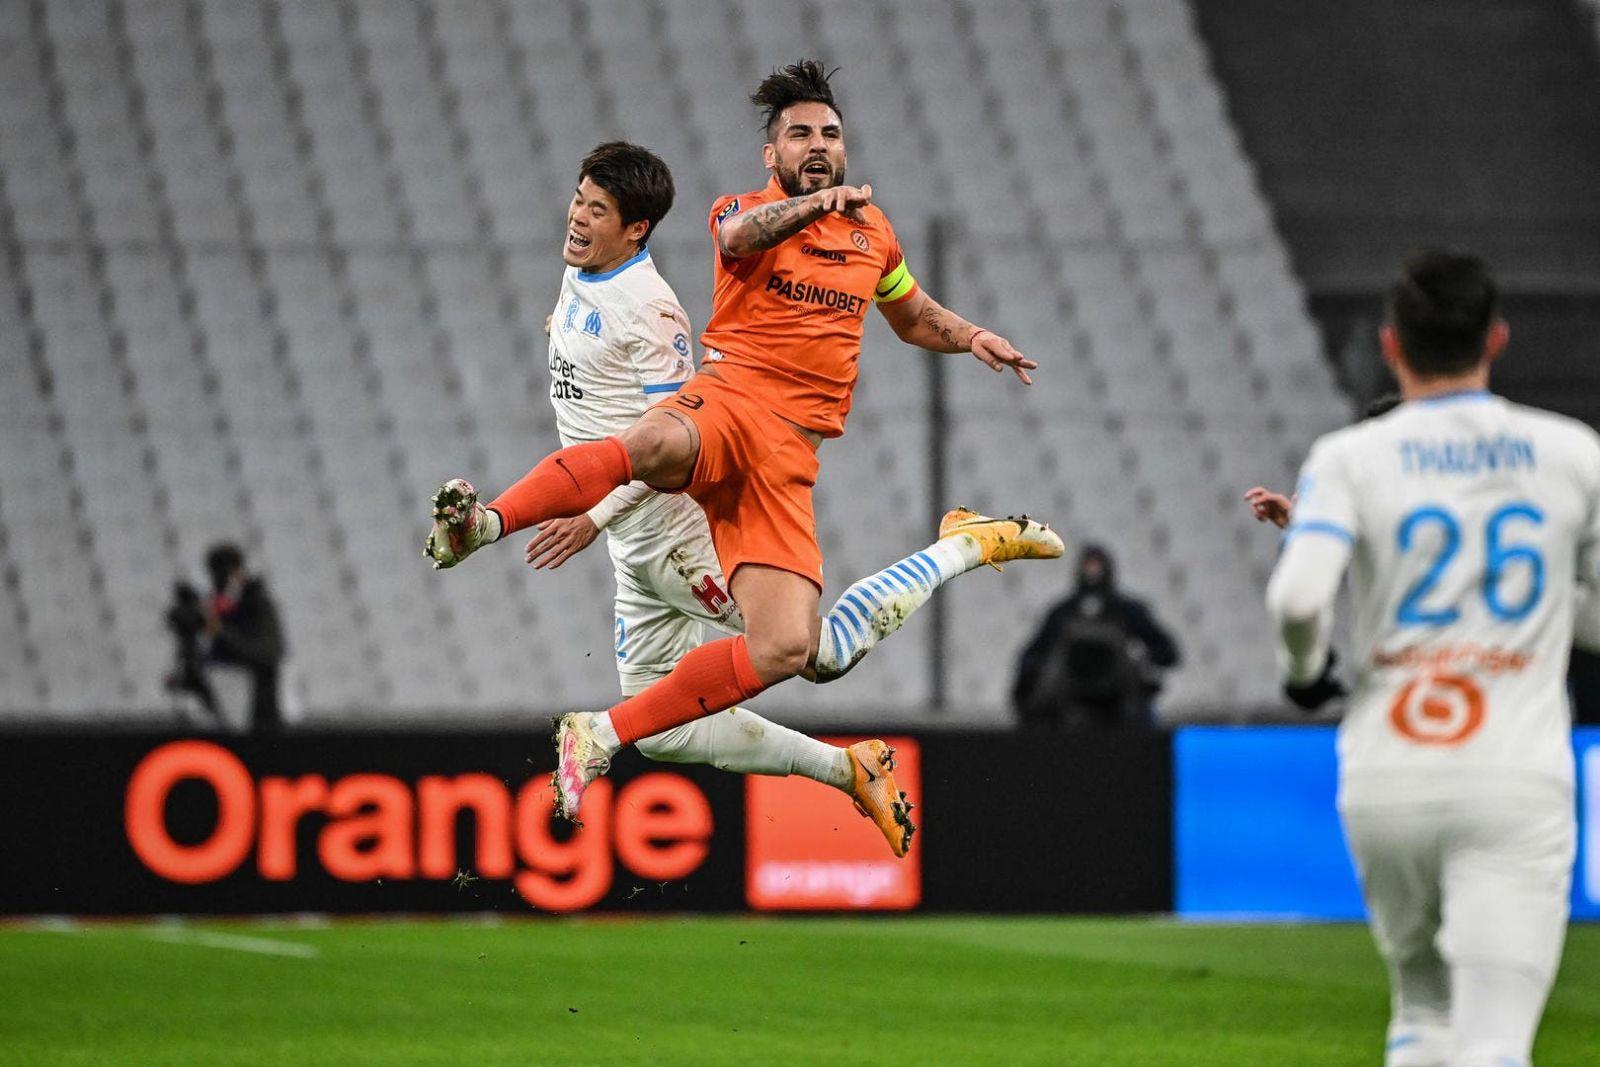 Pronostic Montpellier Marseille GRATUIT Ligue 1